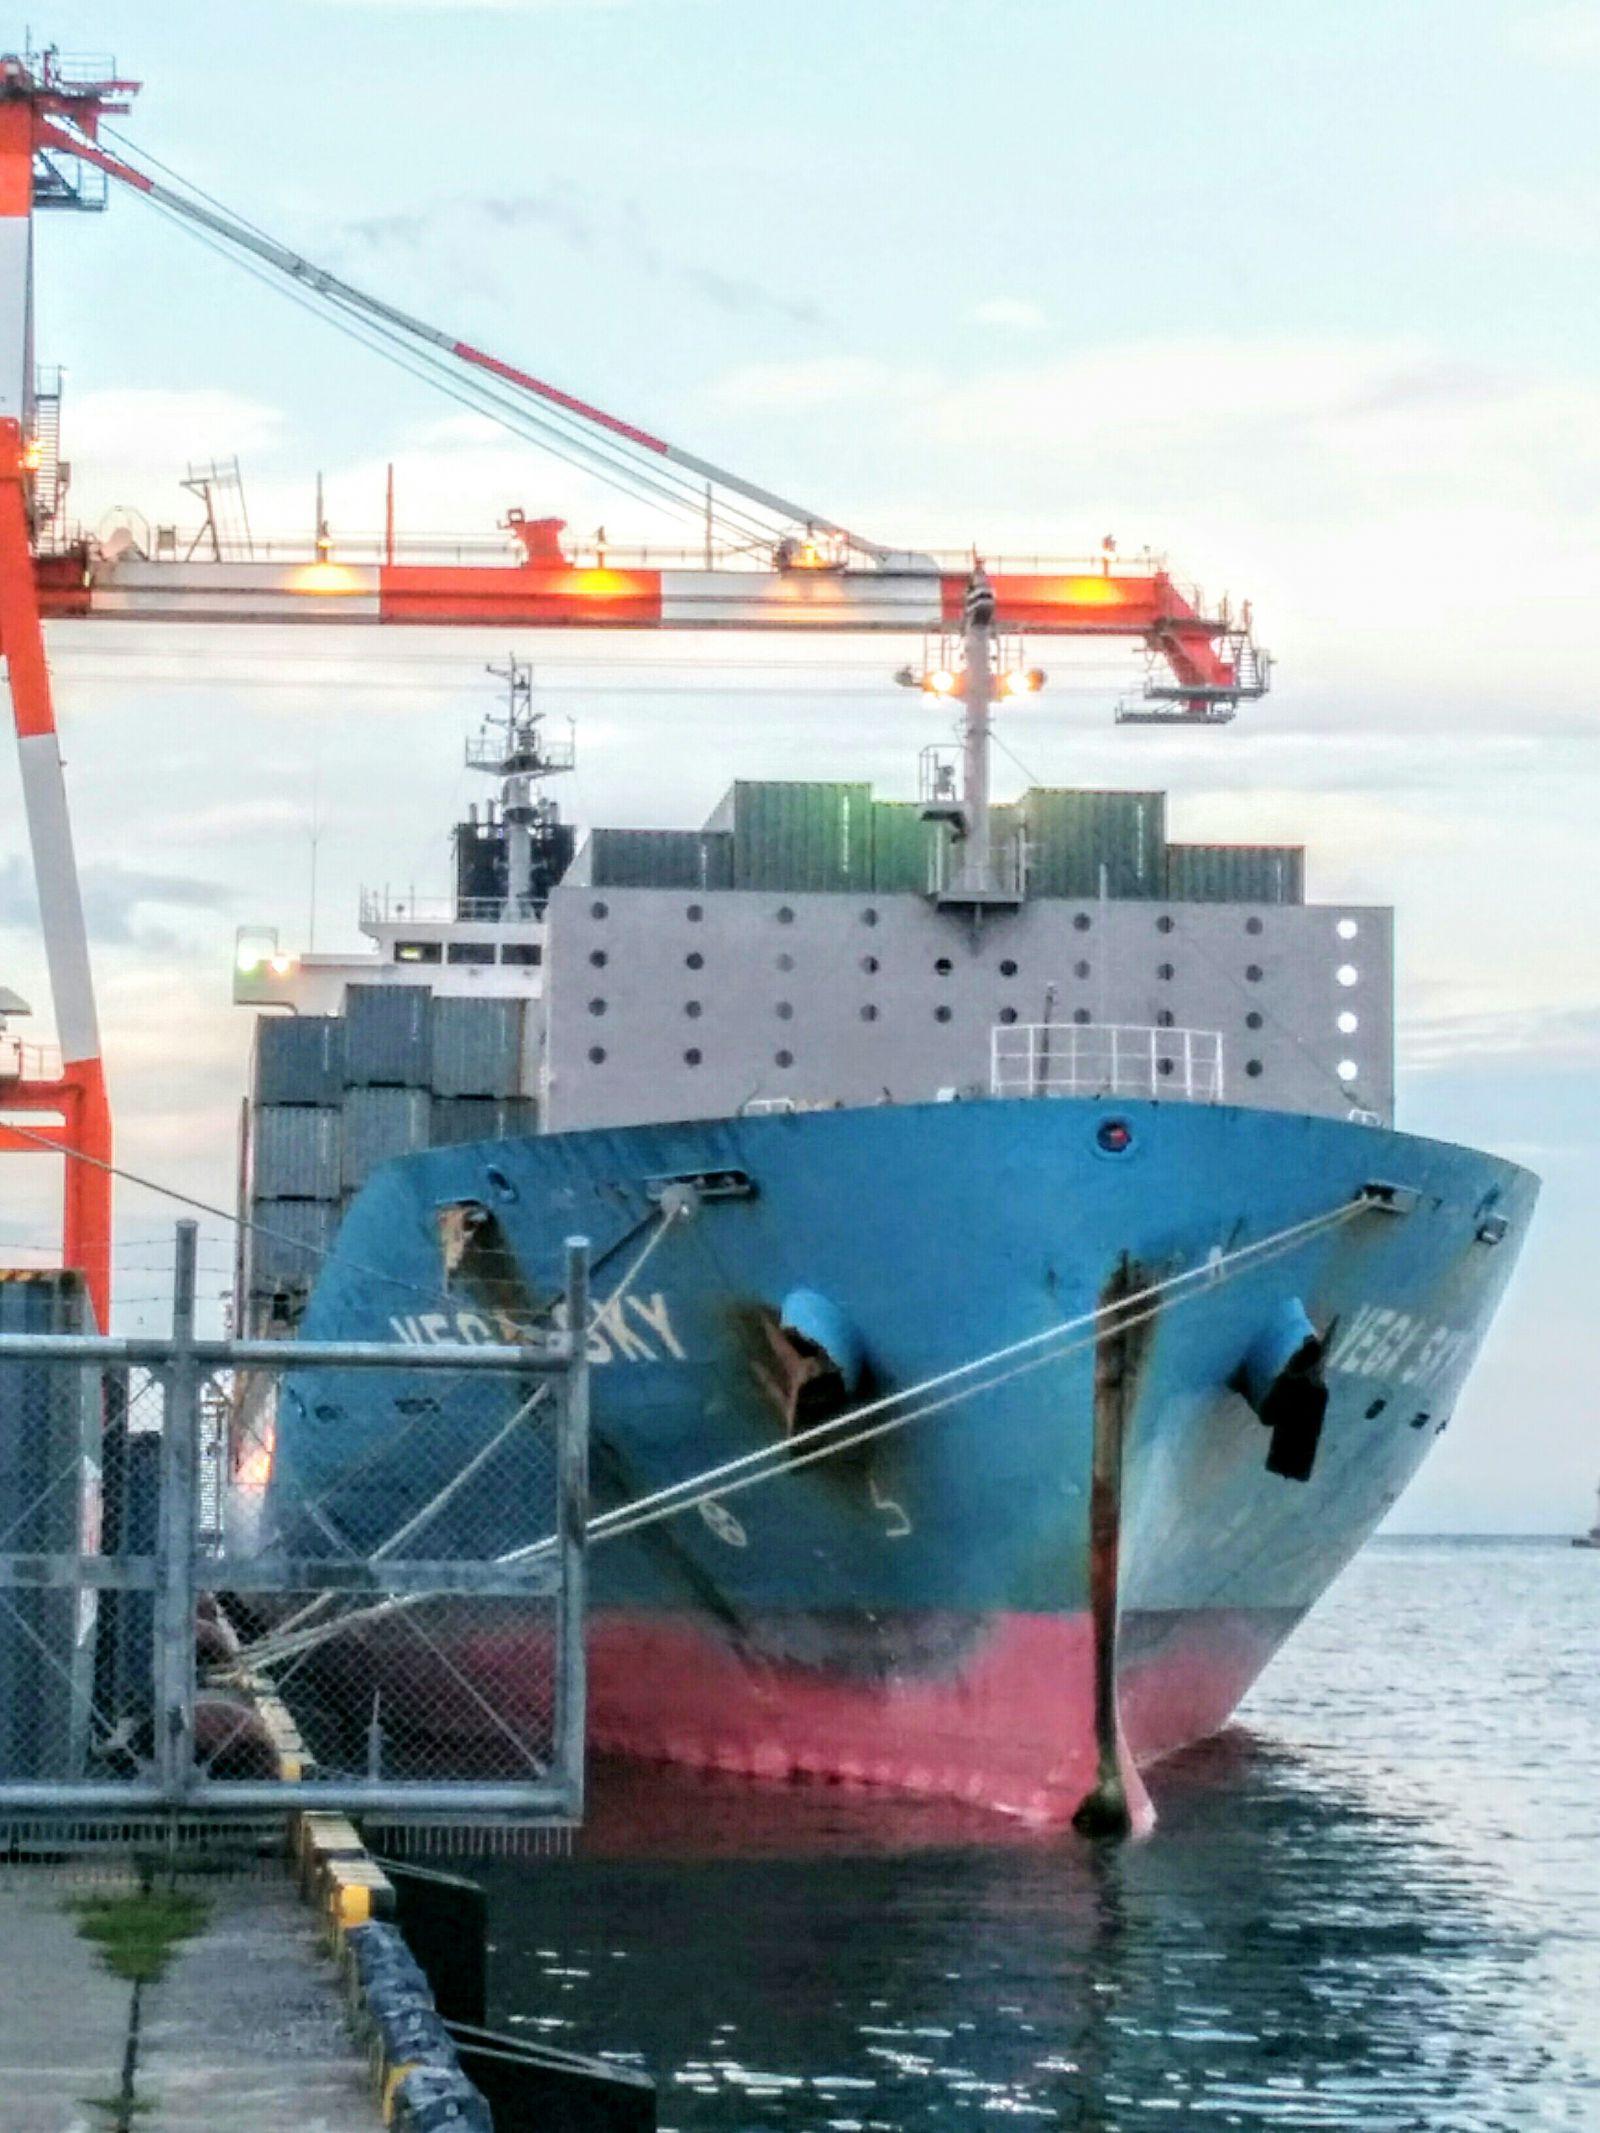 【小樽市】港町埠頭コンテナ船観光写真です。